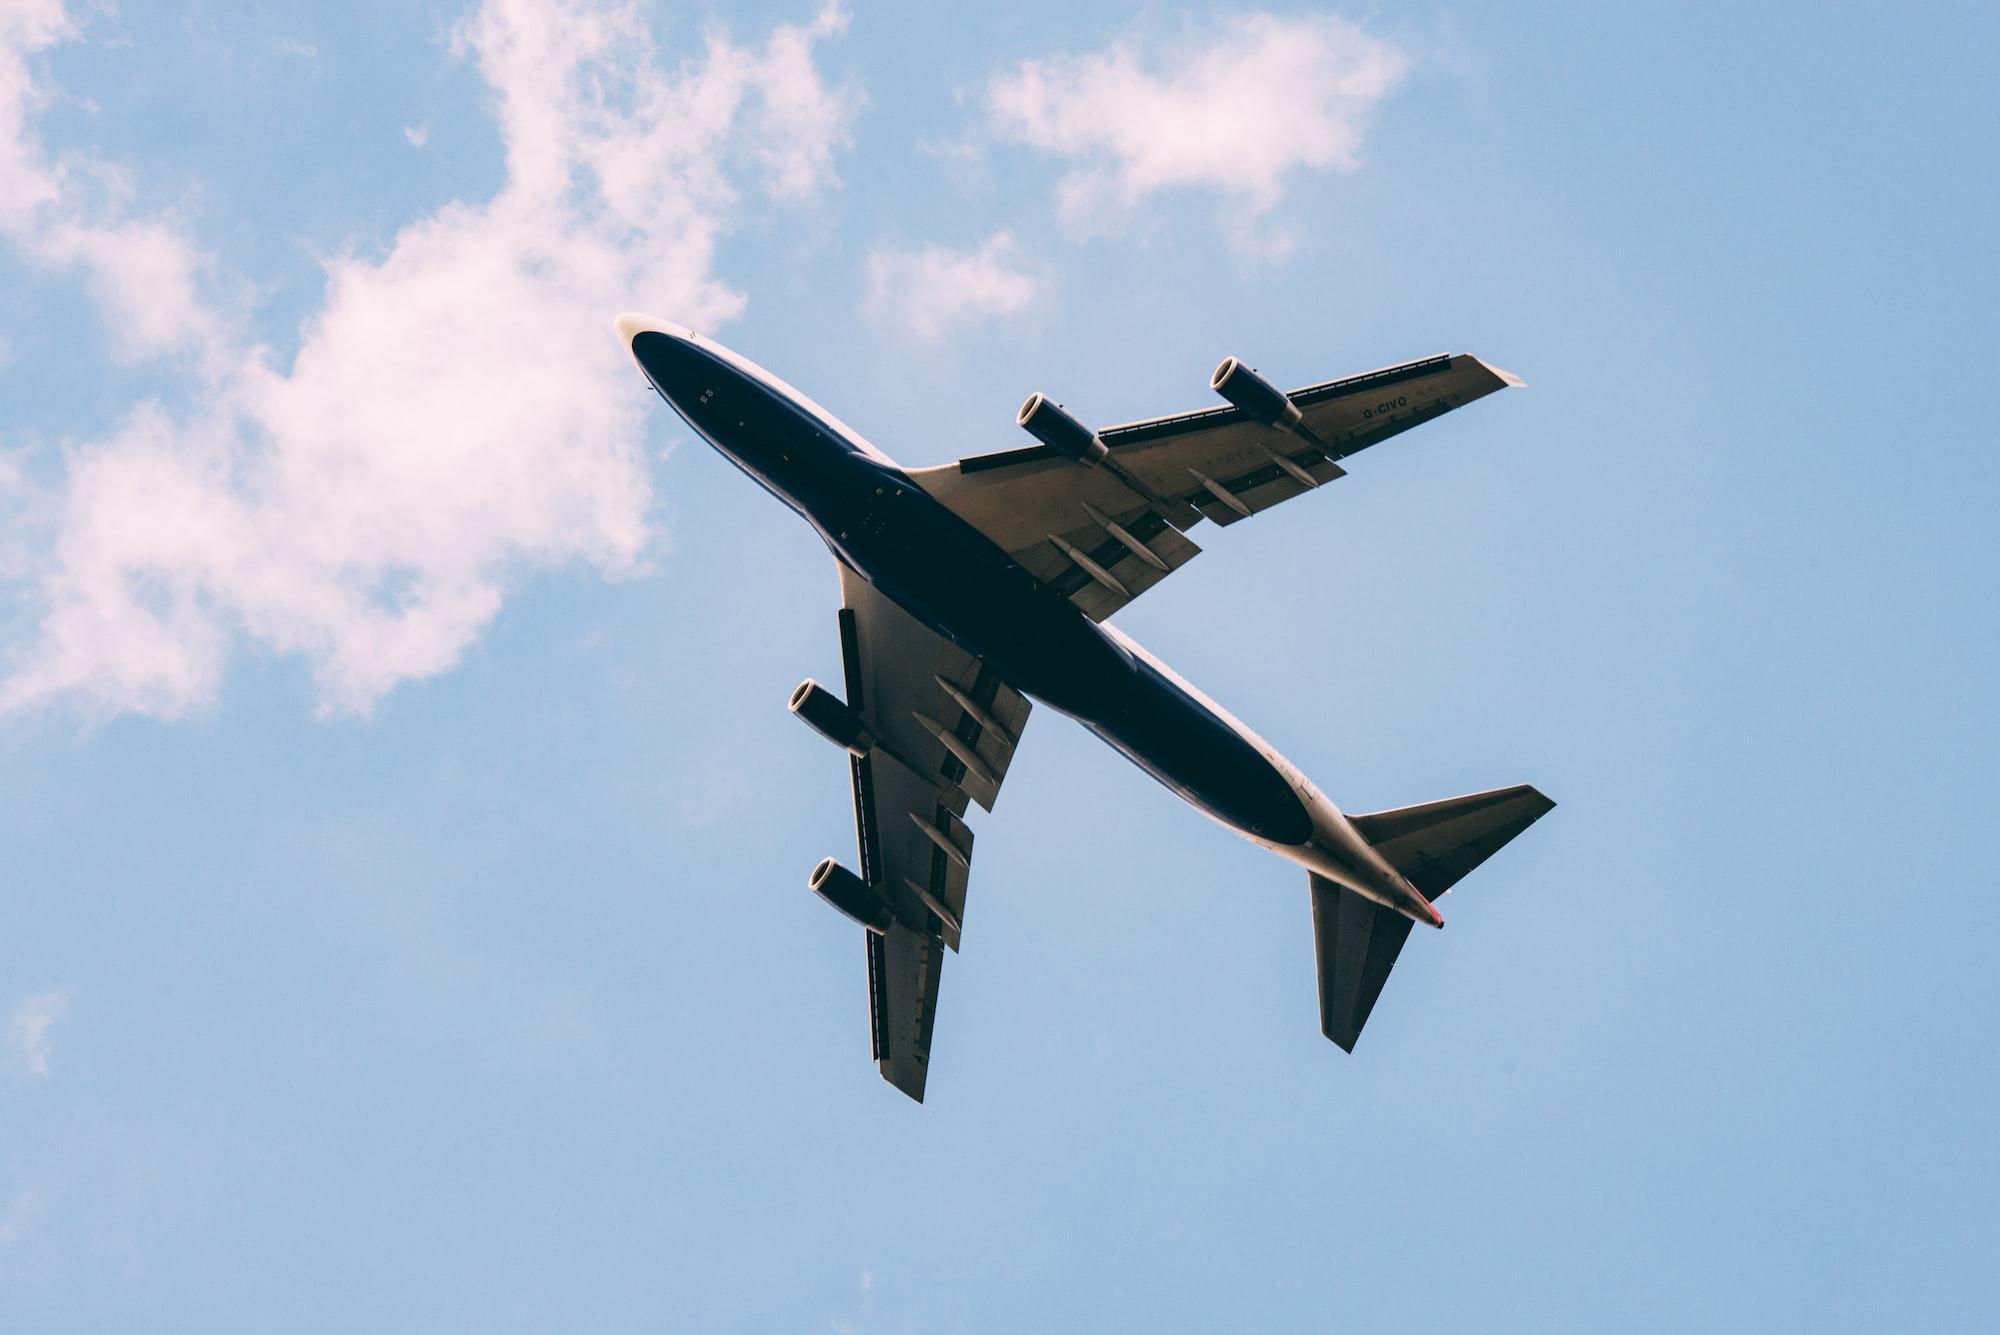 Avion qui vole dans le ciel